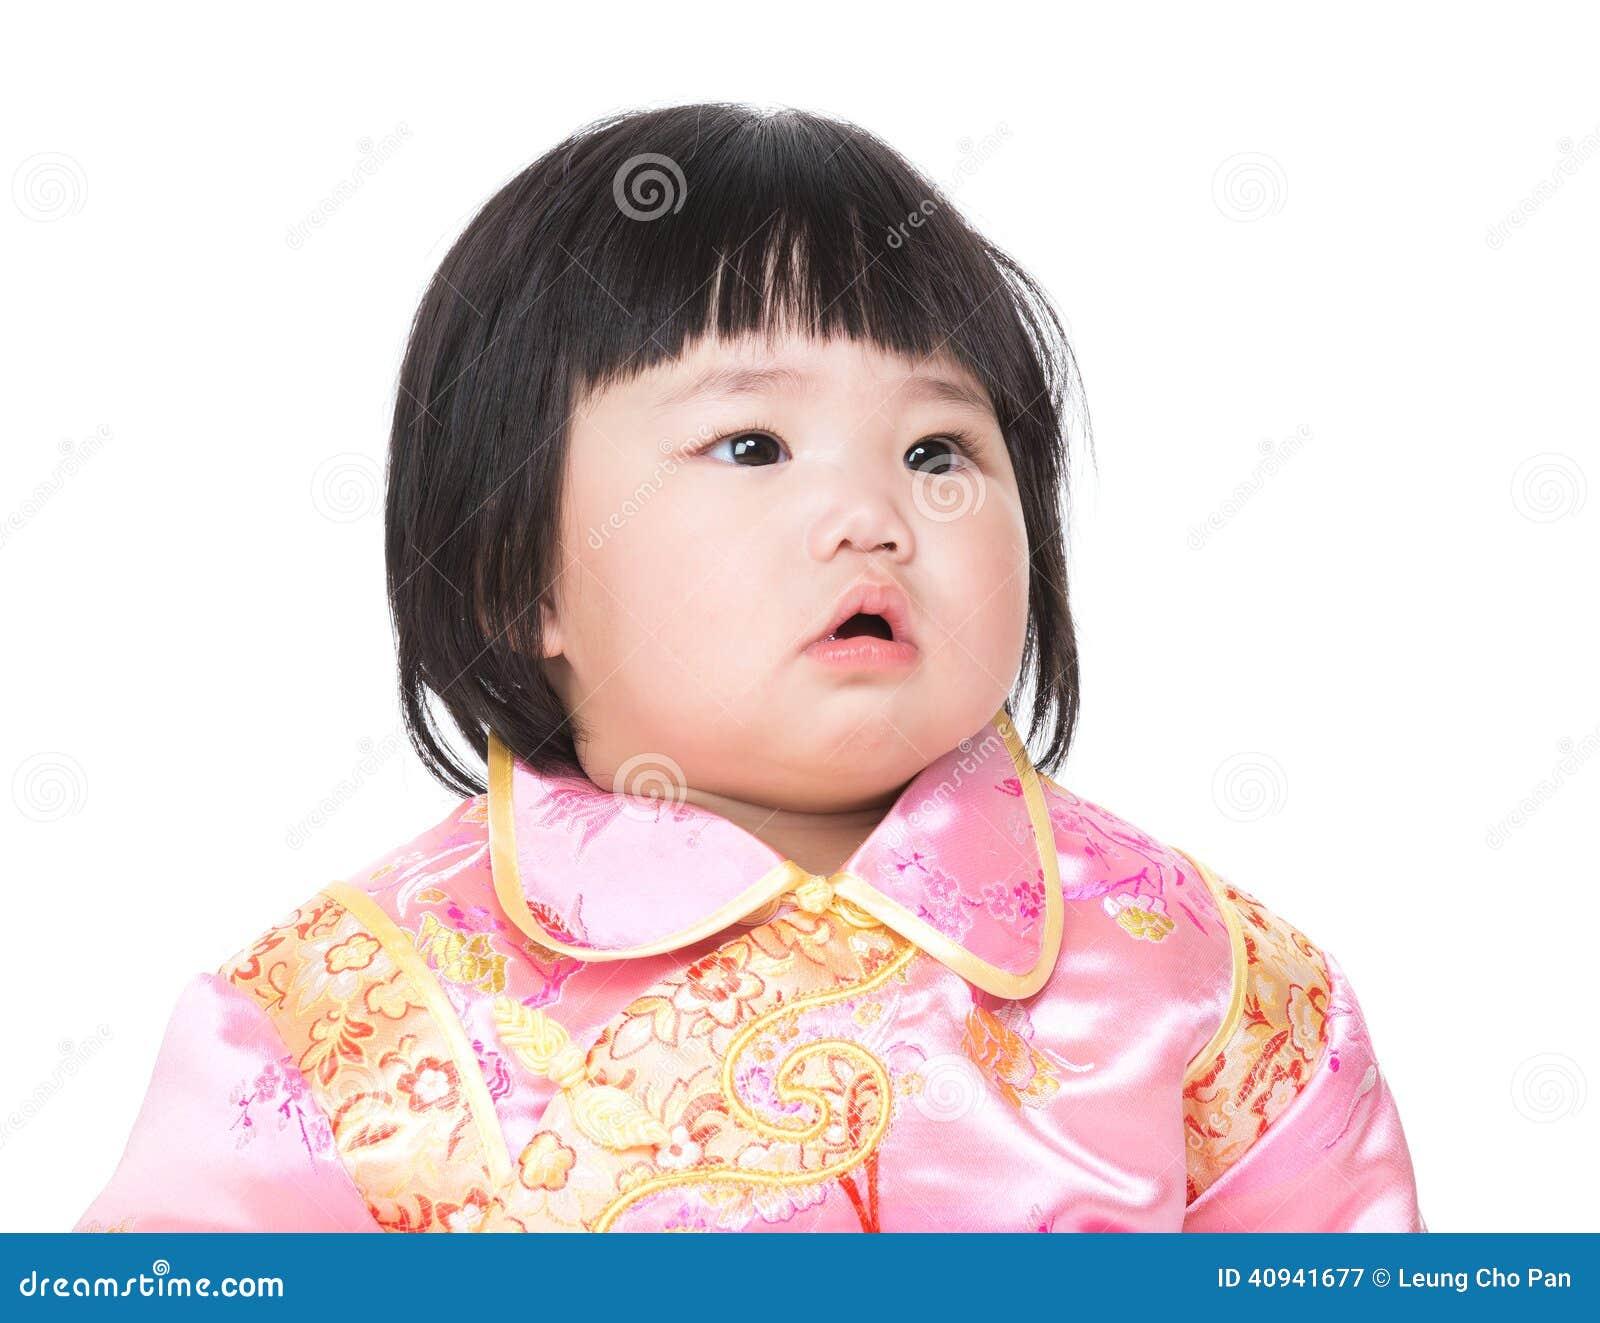 Baby die cheongsam kostuum dragen voor Chinees Nieuwjaar